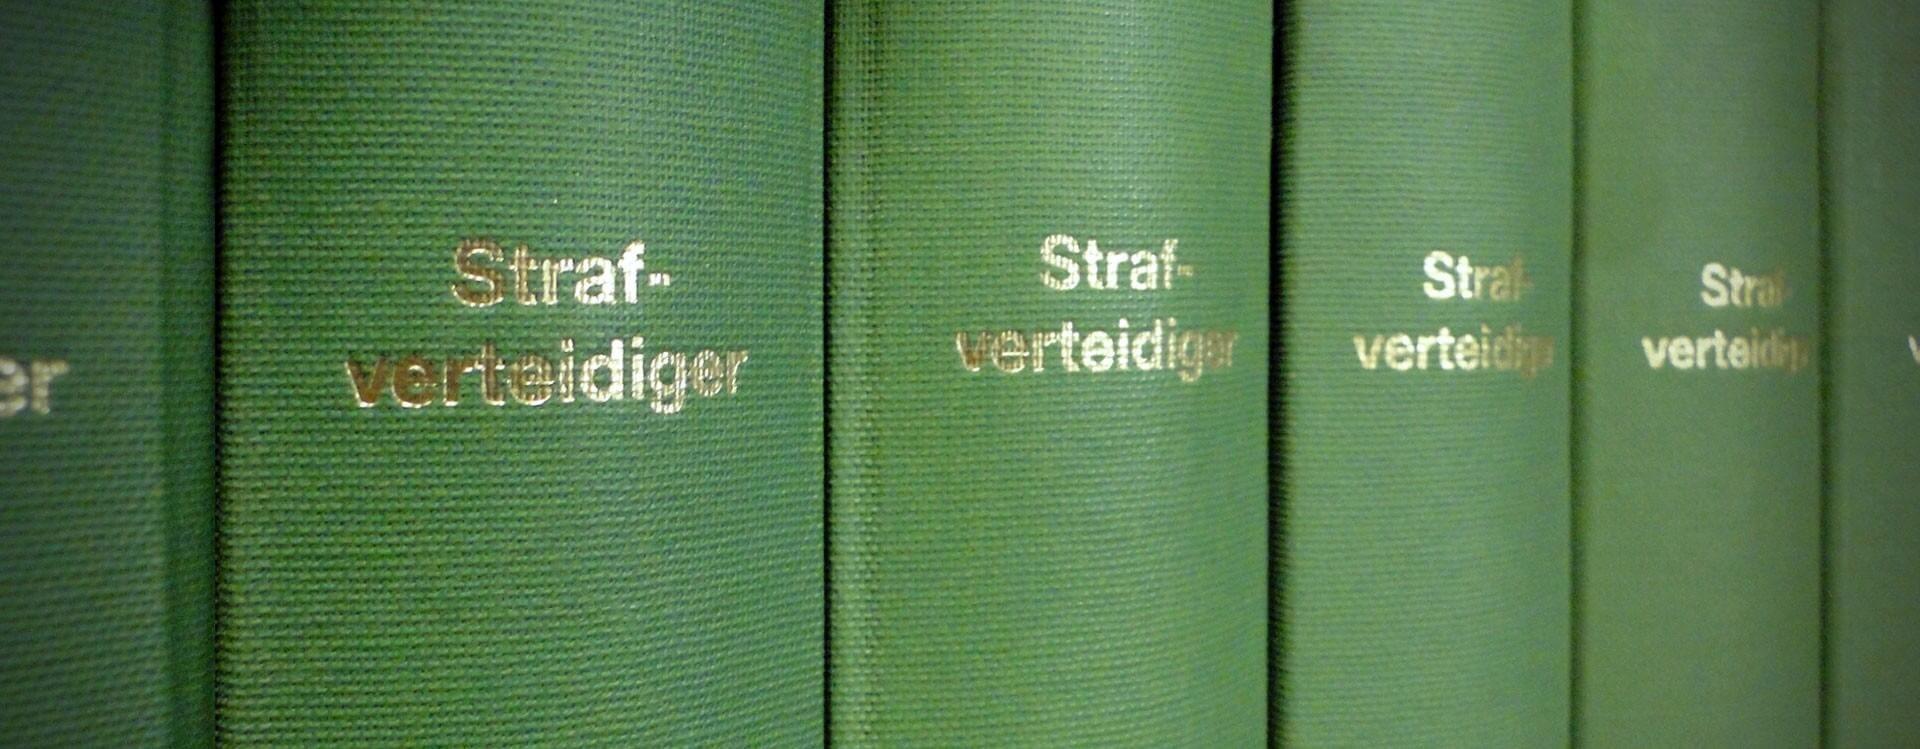 Strafverteidigung in Wirtschaftsstrafrecht und Medizinstrafrecht in Hamburg und bundesweit!